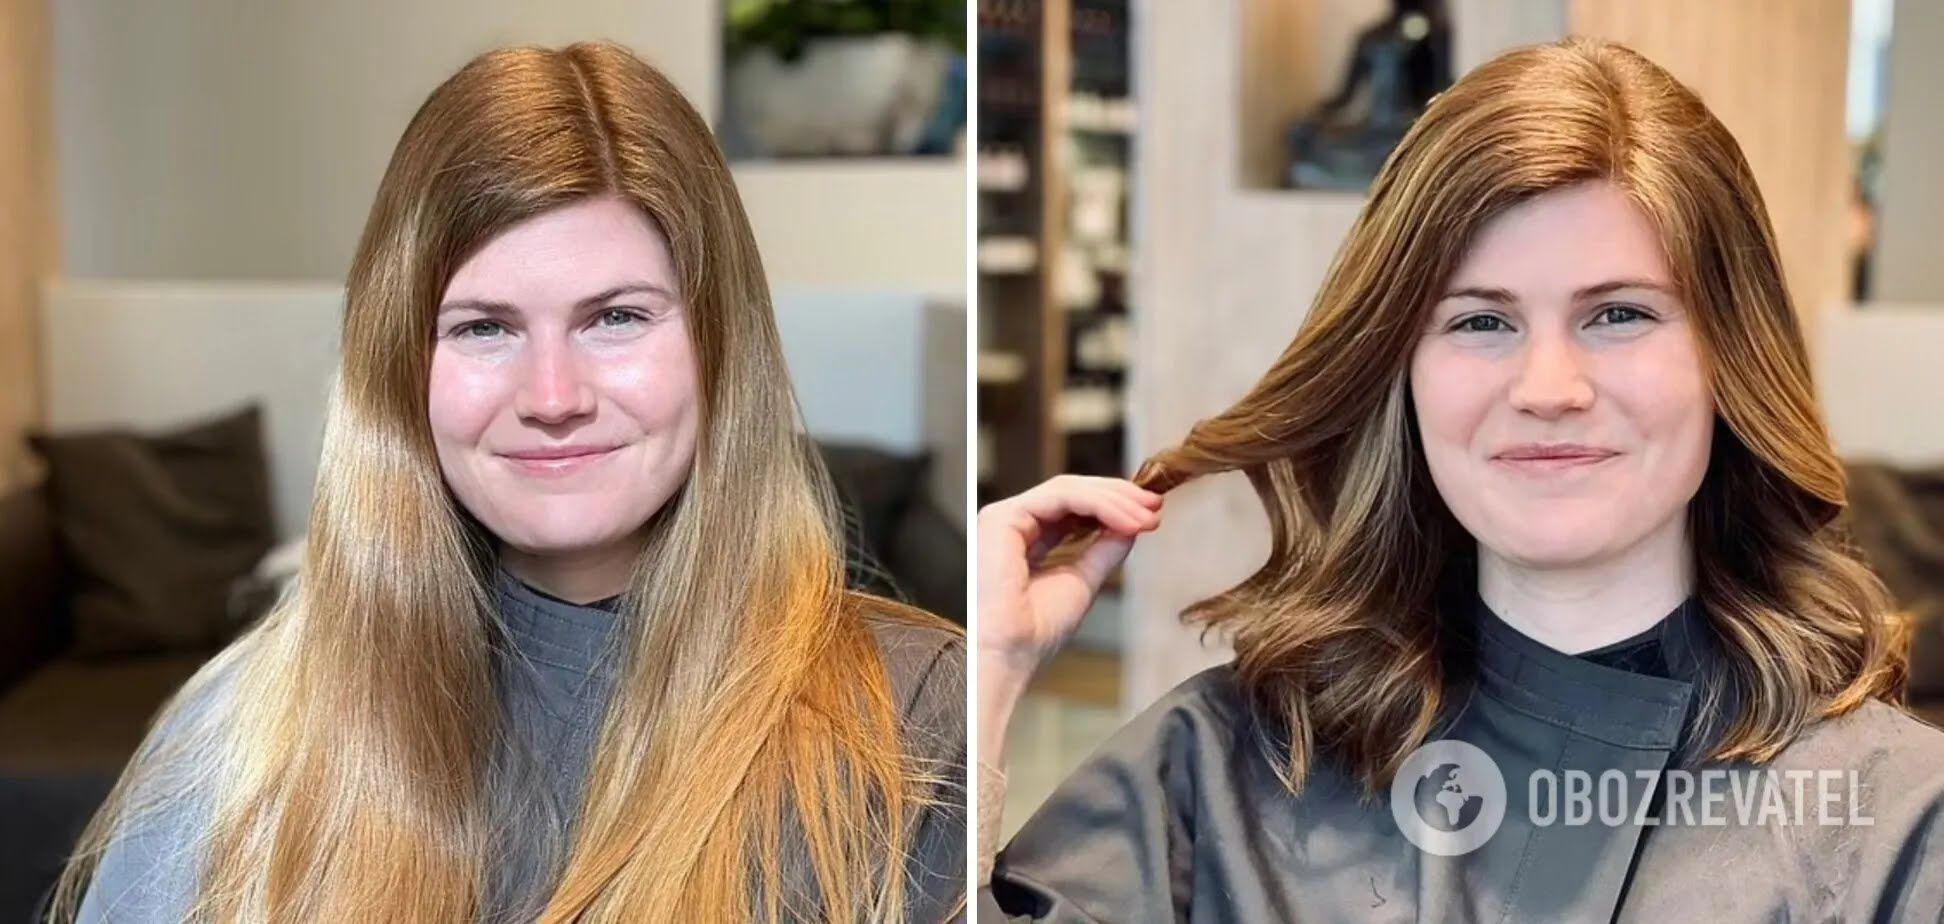 Як змінилася зачіска другий учасниці експерименту.